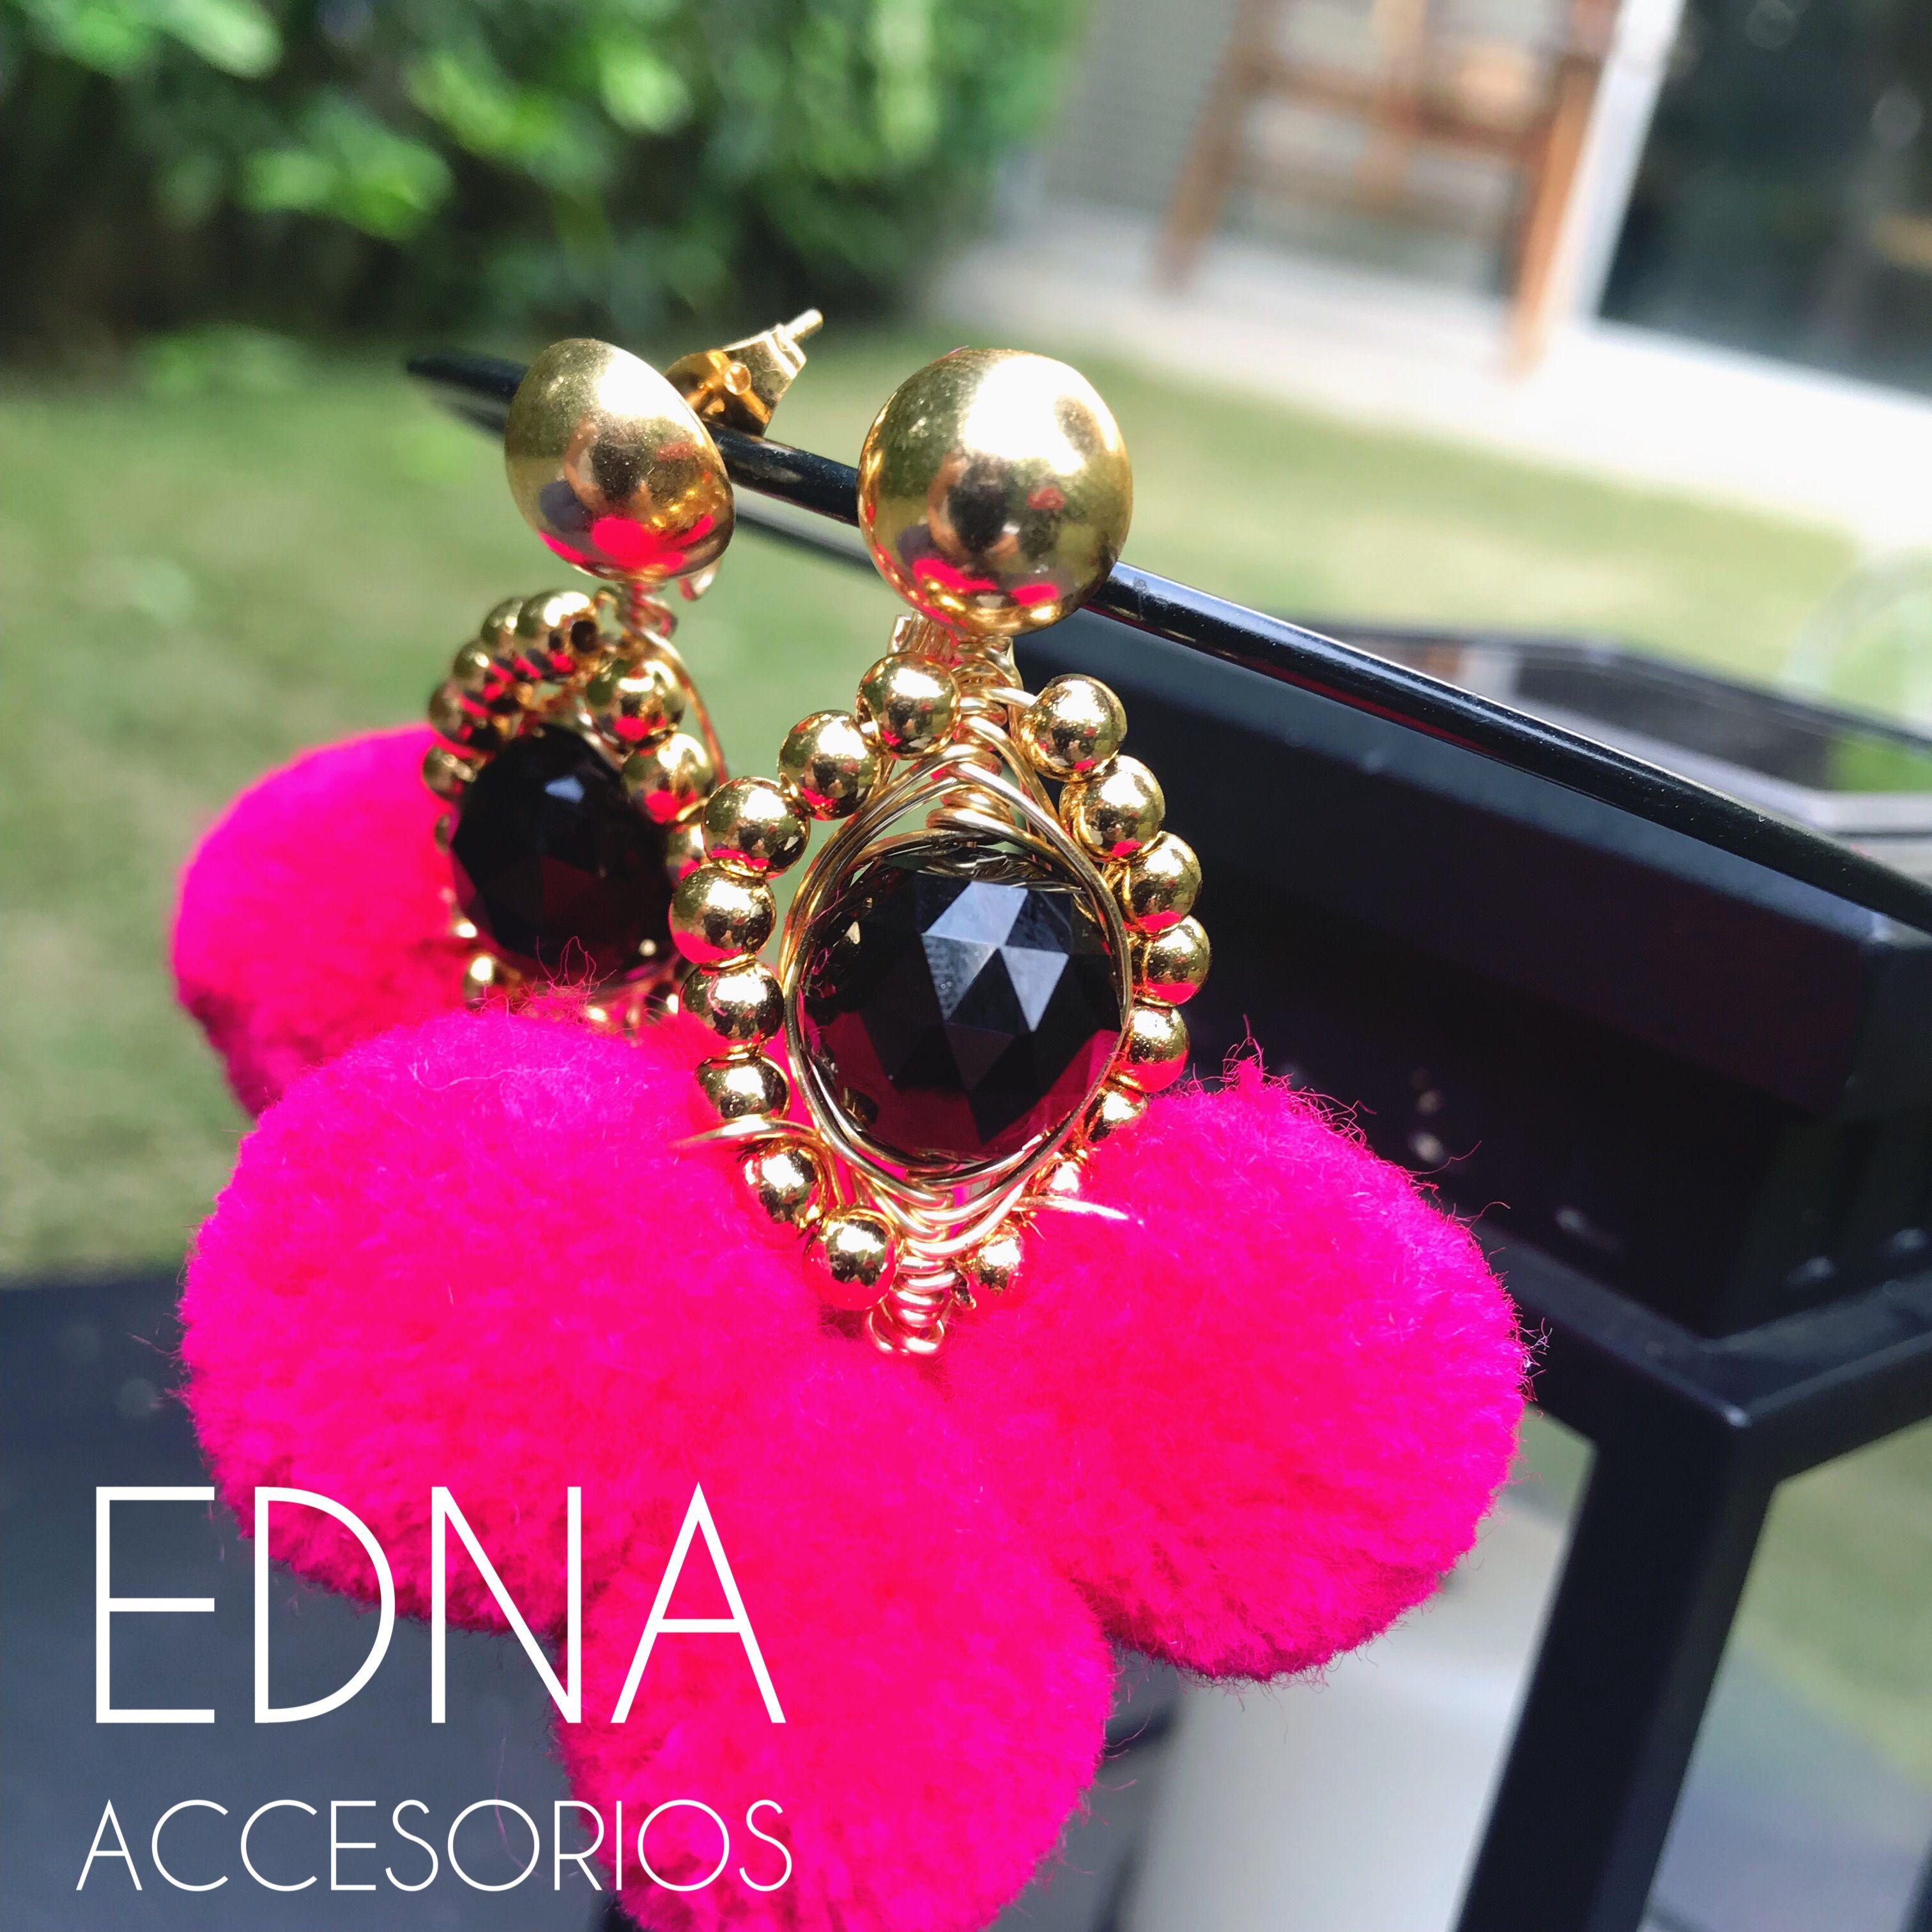 507c1a87fa9e  accesorios  colombia  tendencia  cucuta  medellin  bucaramanga   aretesdemoda  muejeres  estilo  aretes  hechoamano  ednaaccesorios   regalos  moda  2019 ...